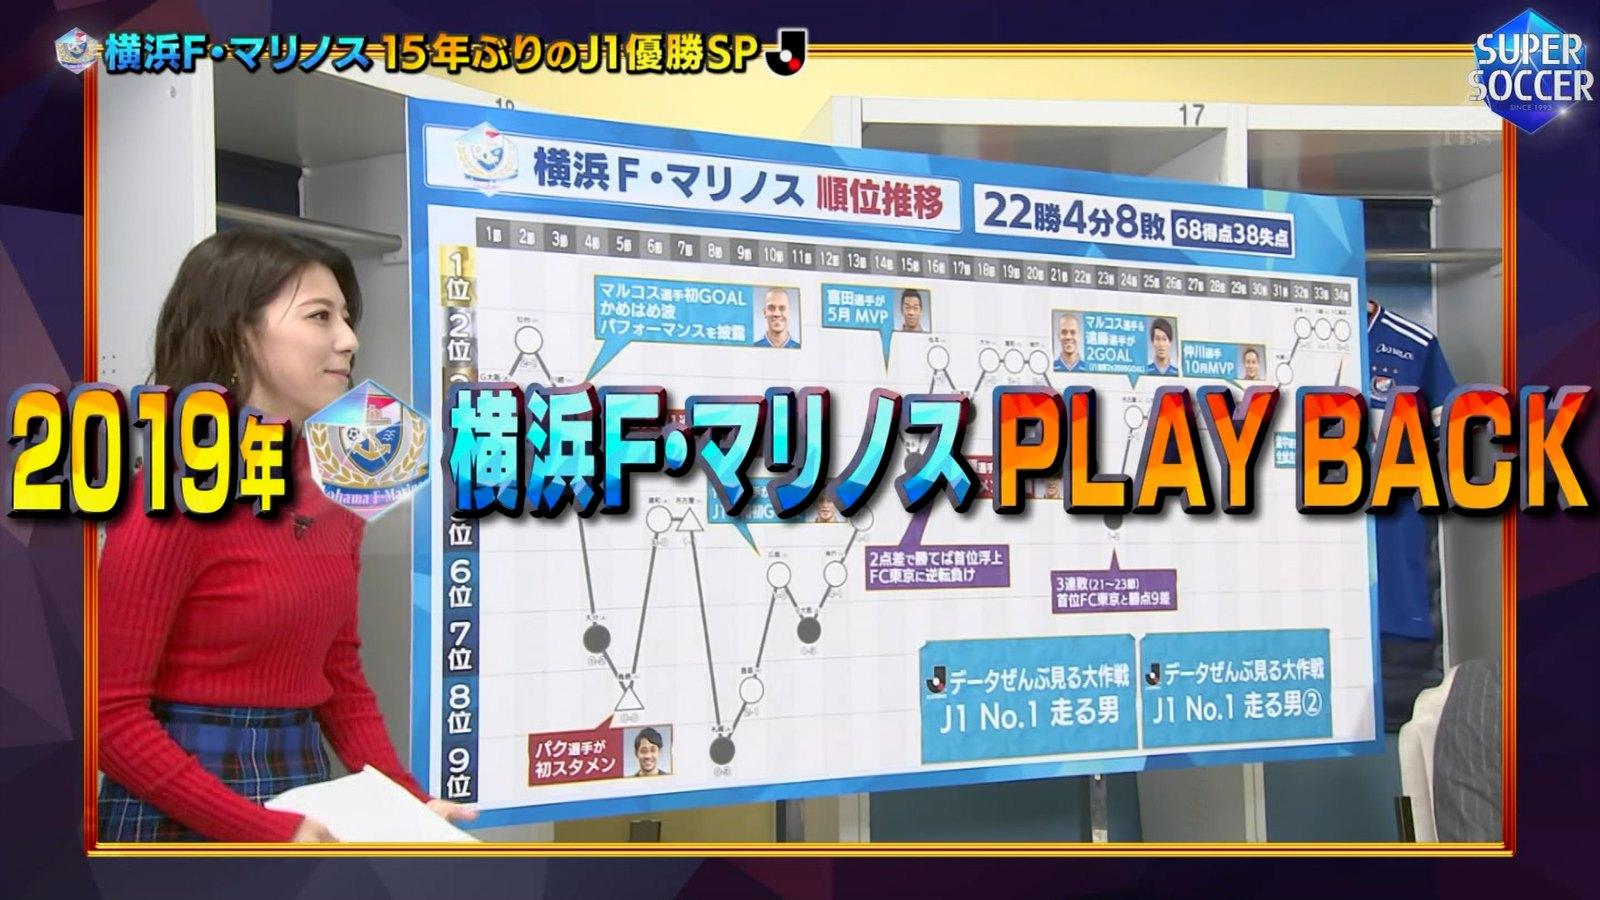 2019年12月8日にTBSで放送された「スーパーサッカー」に出演した上村彩子さんのテレビキャプチャー画像-004